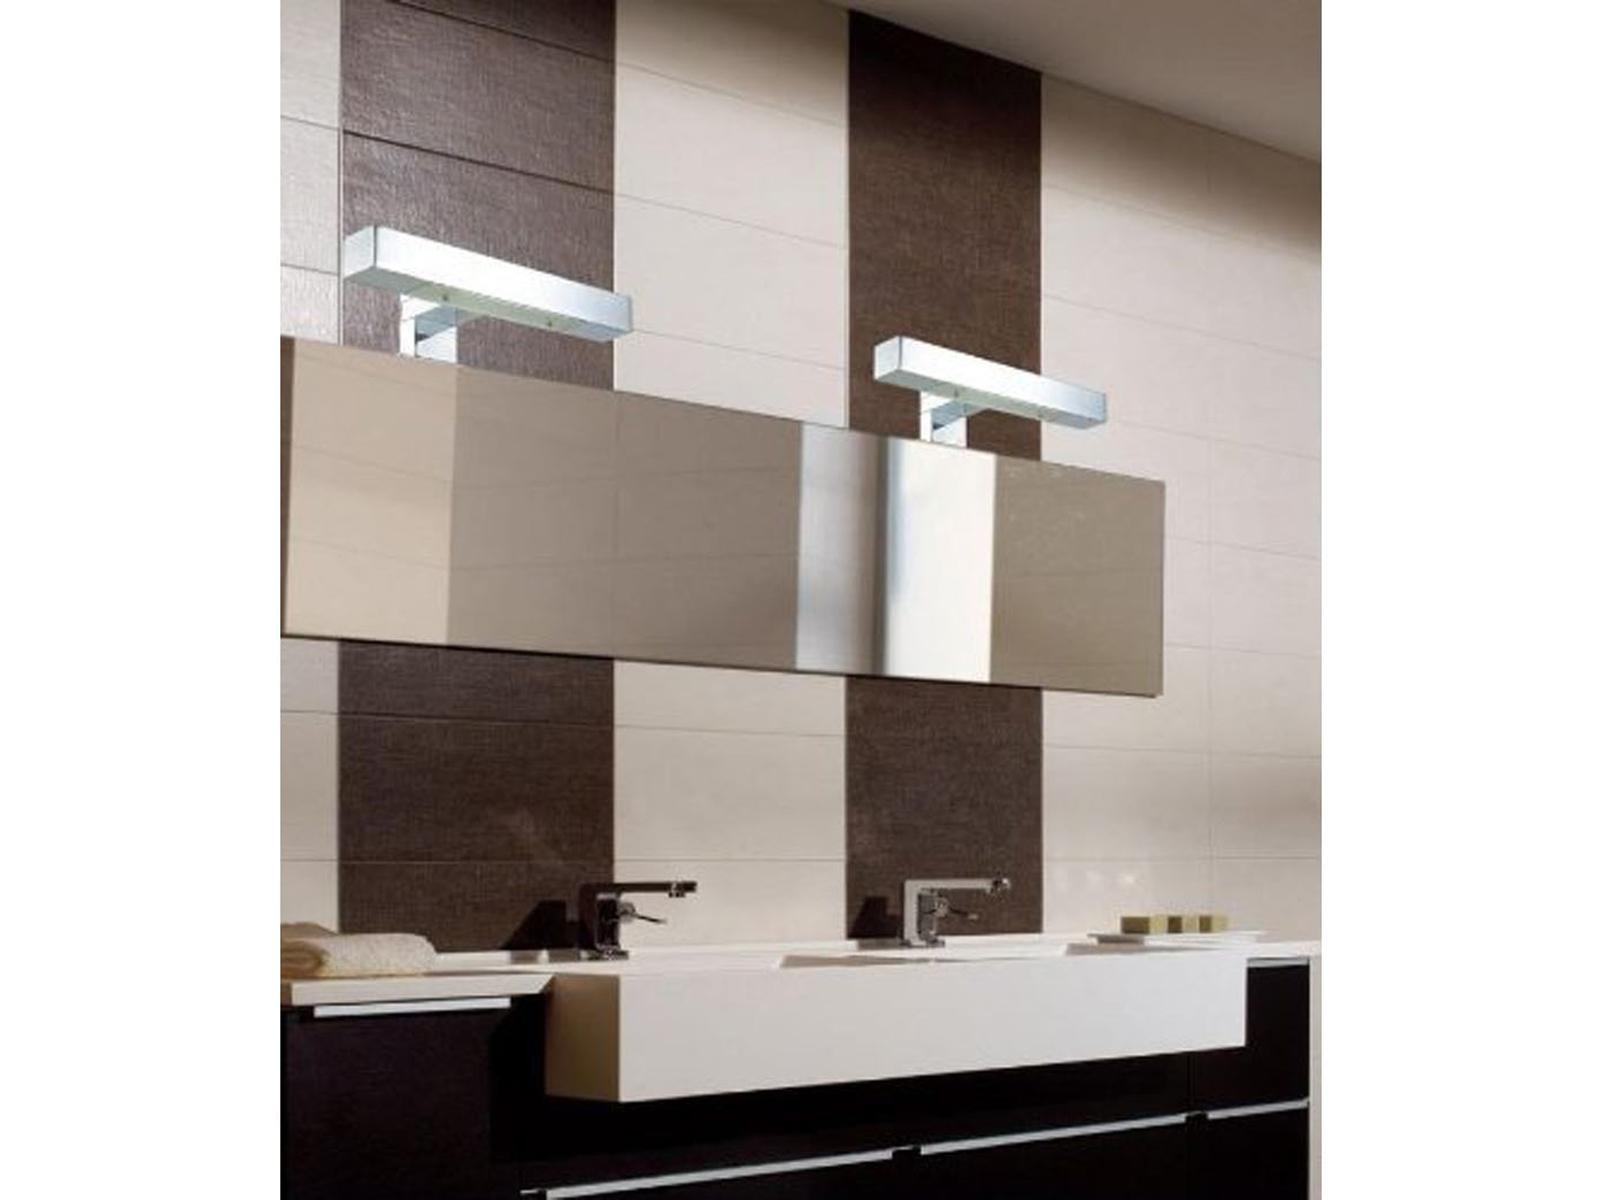 LED Spiegelleuchte 30cm Fürs Badezimmer, Spiegellampe IP44